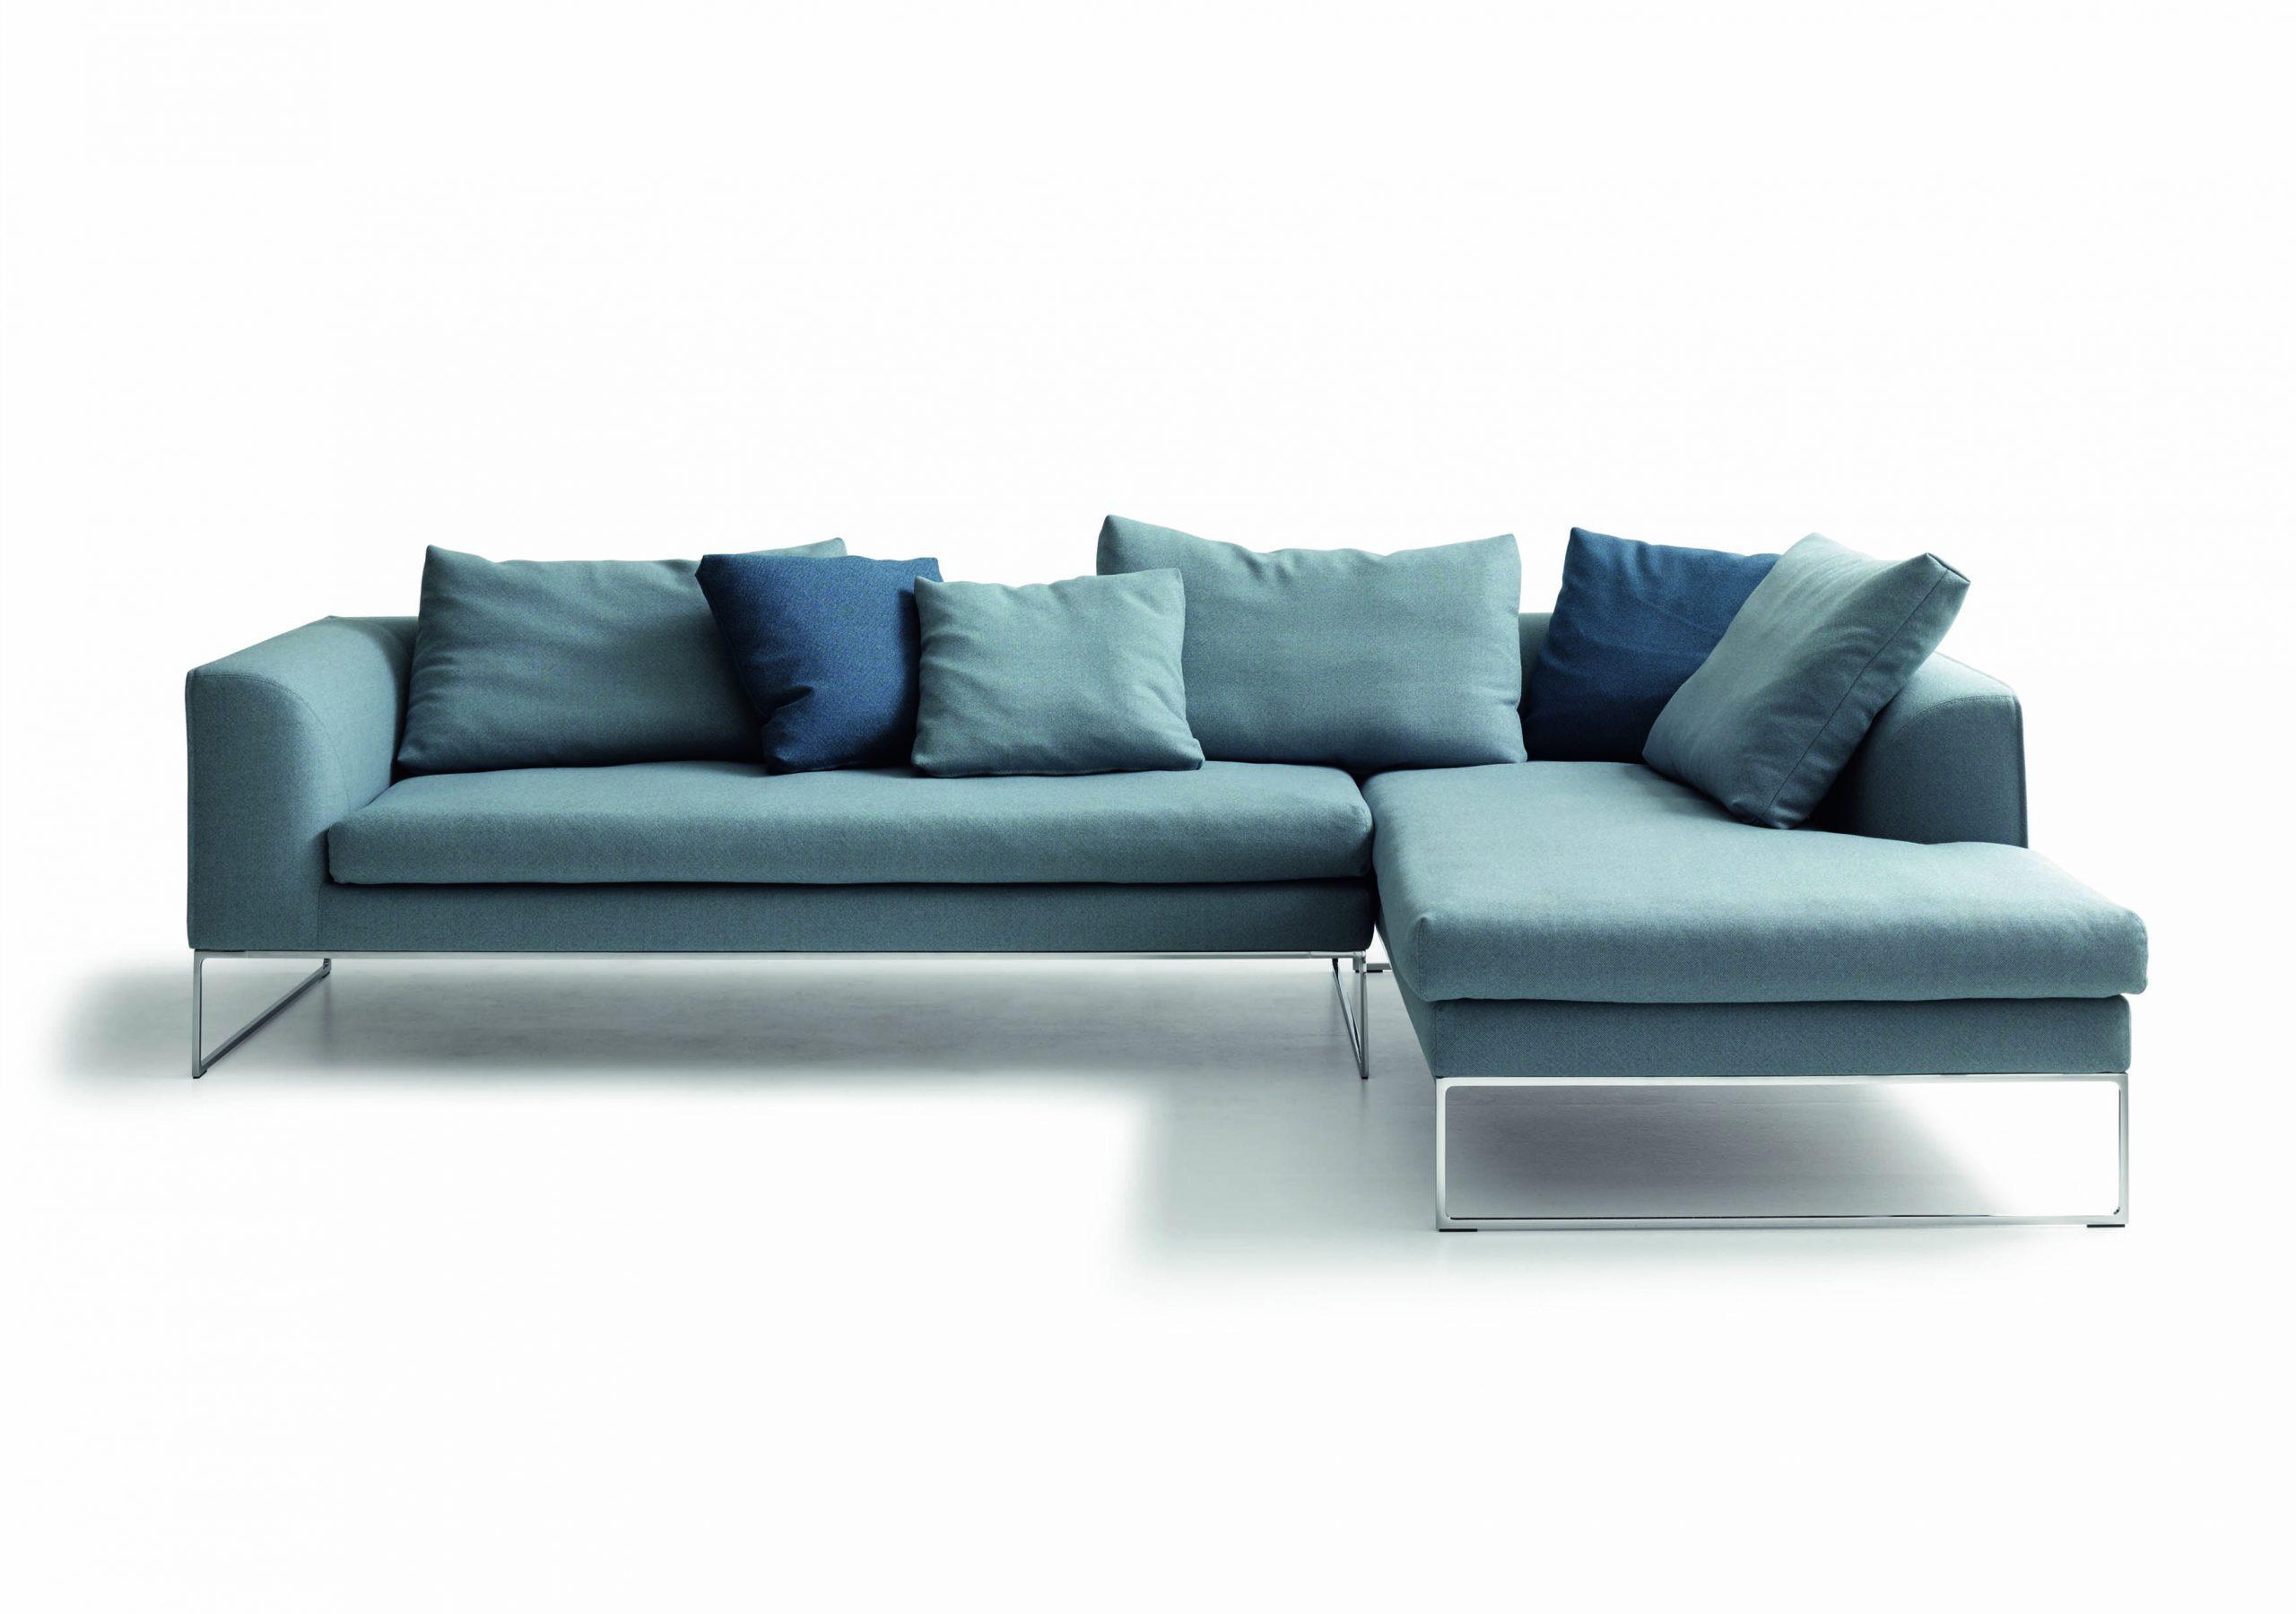 Möbel TAUSCH - einrichten - Sofa MELL Lounge